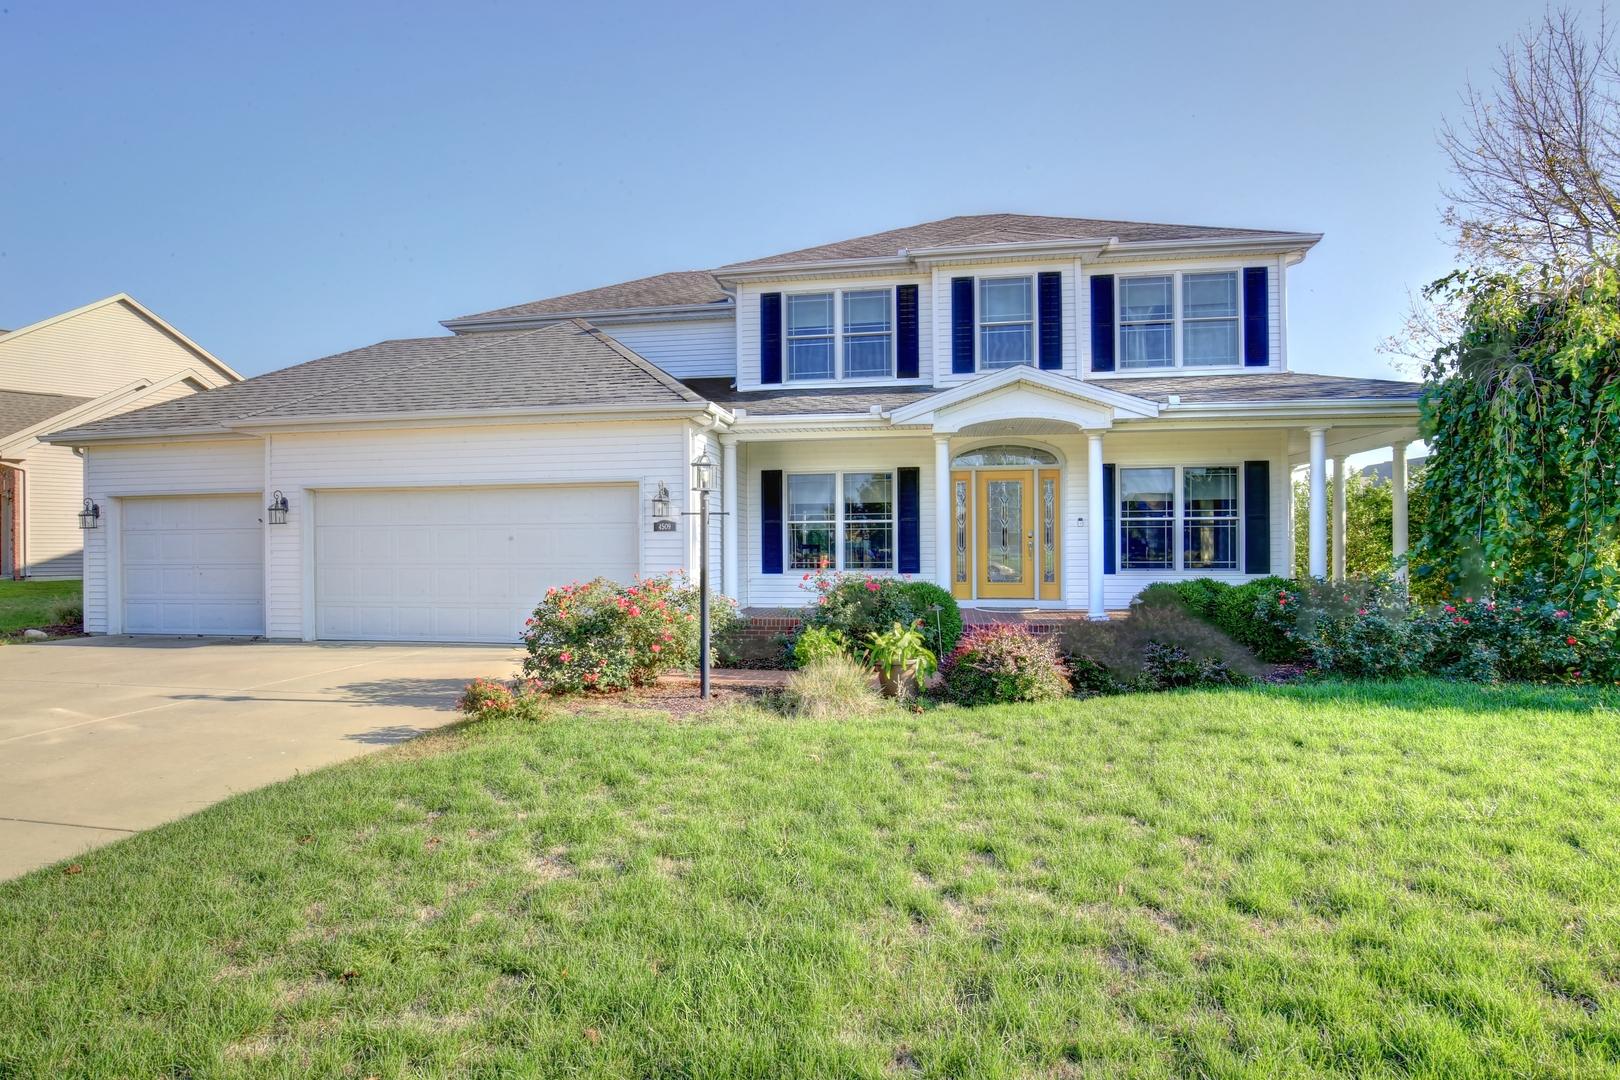 4509 Stonebridge Drive, Champaign in Champaign County, IL 61822 Home for Sale